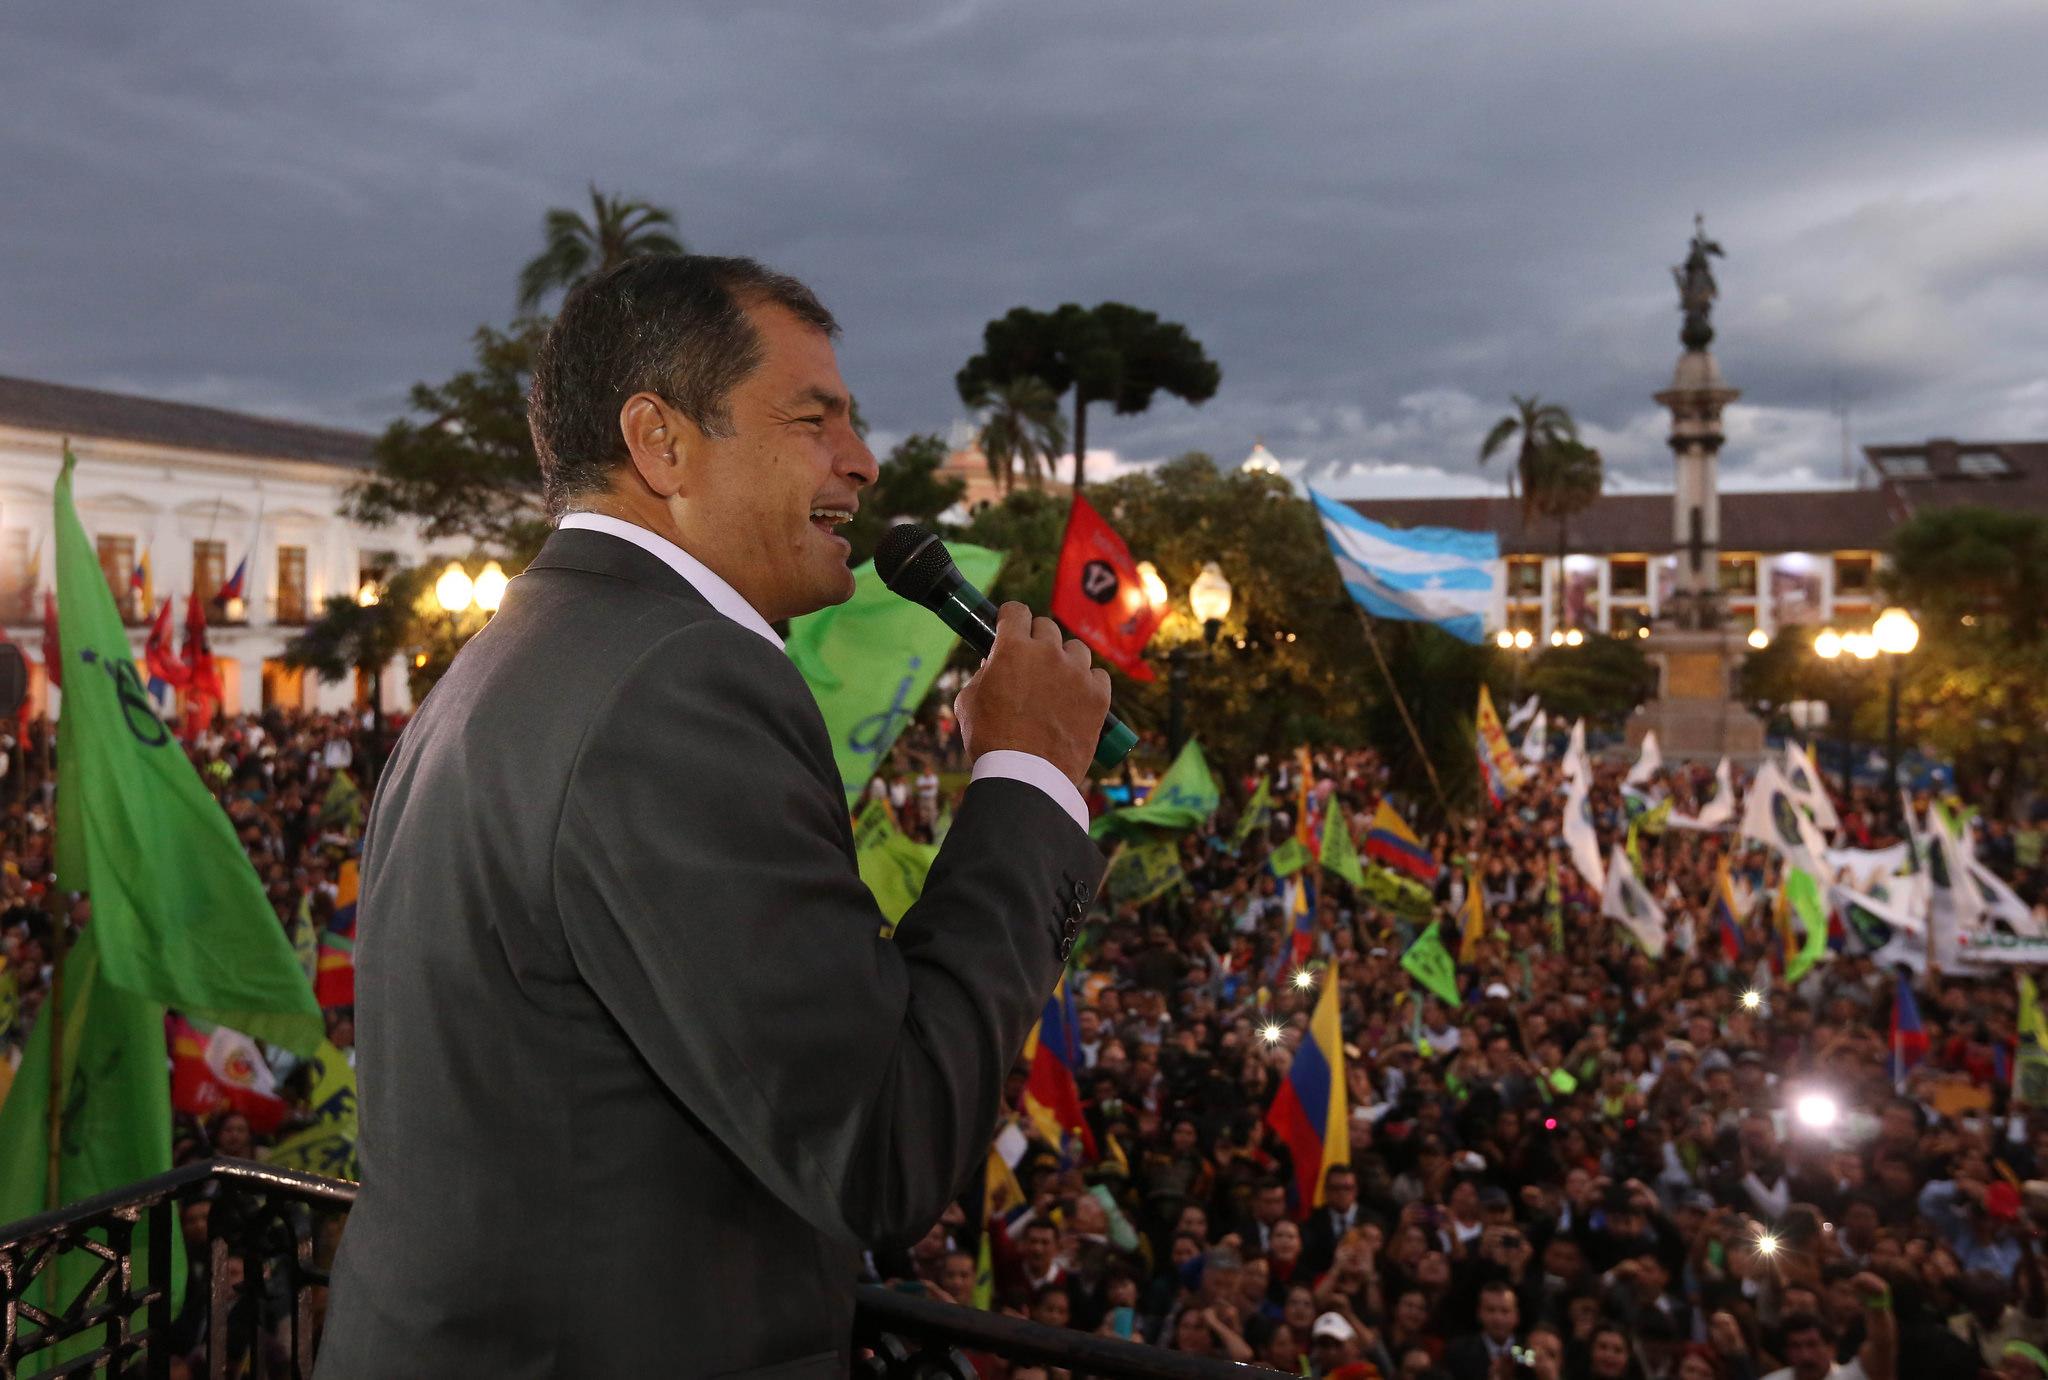 Quito, 10 feb 2016.- El Presidente de la República, Rafel Correa, se dirigió a los miles de ciudadanos se concentraron en la Plaza Grande para presentar su apoyo a la Revolución Ciudadana.